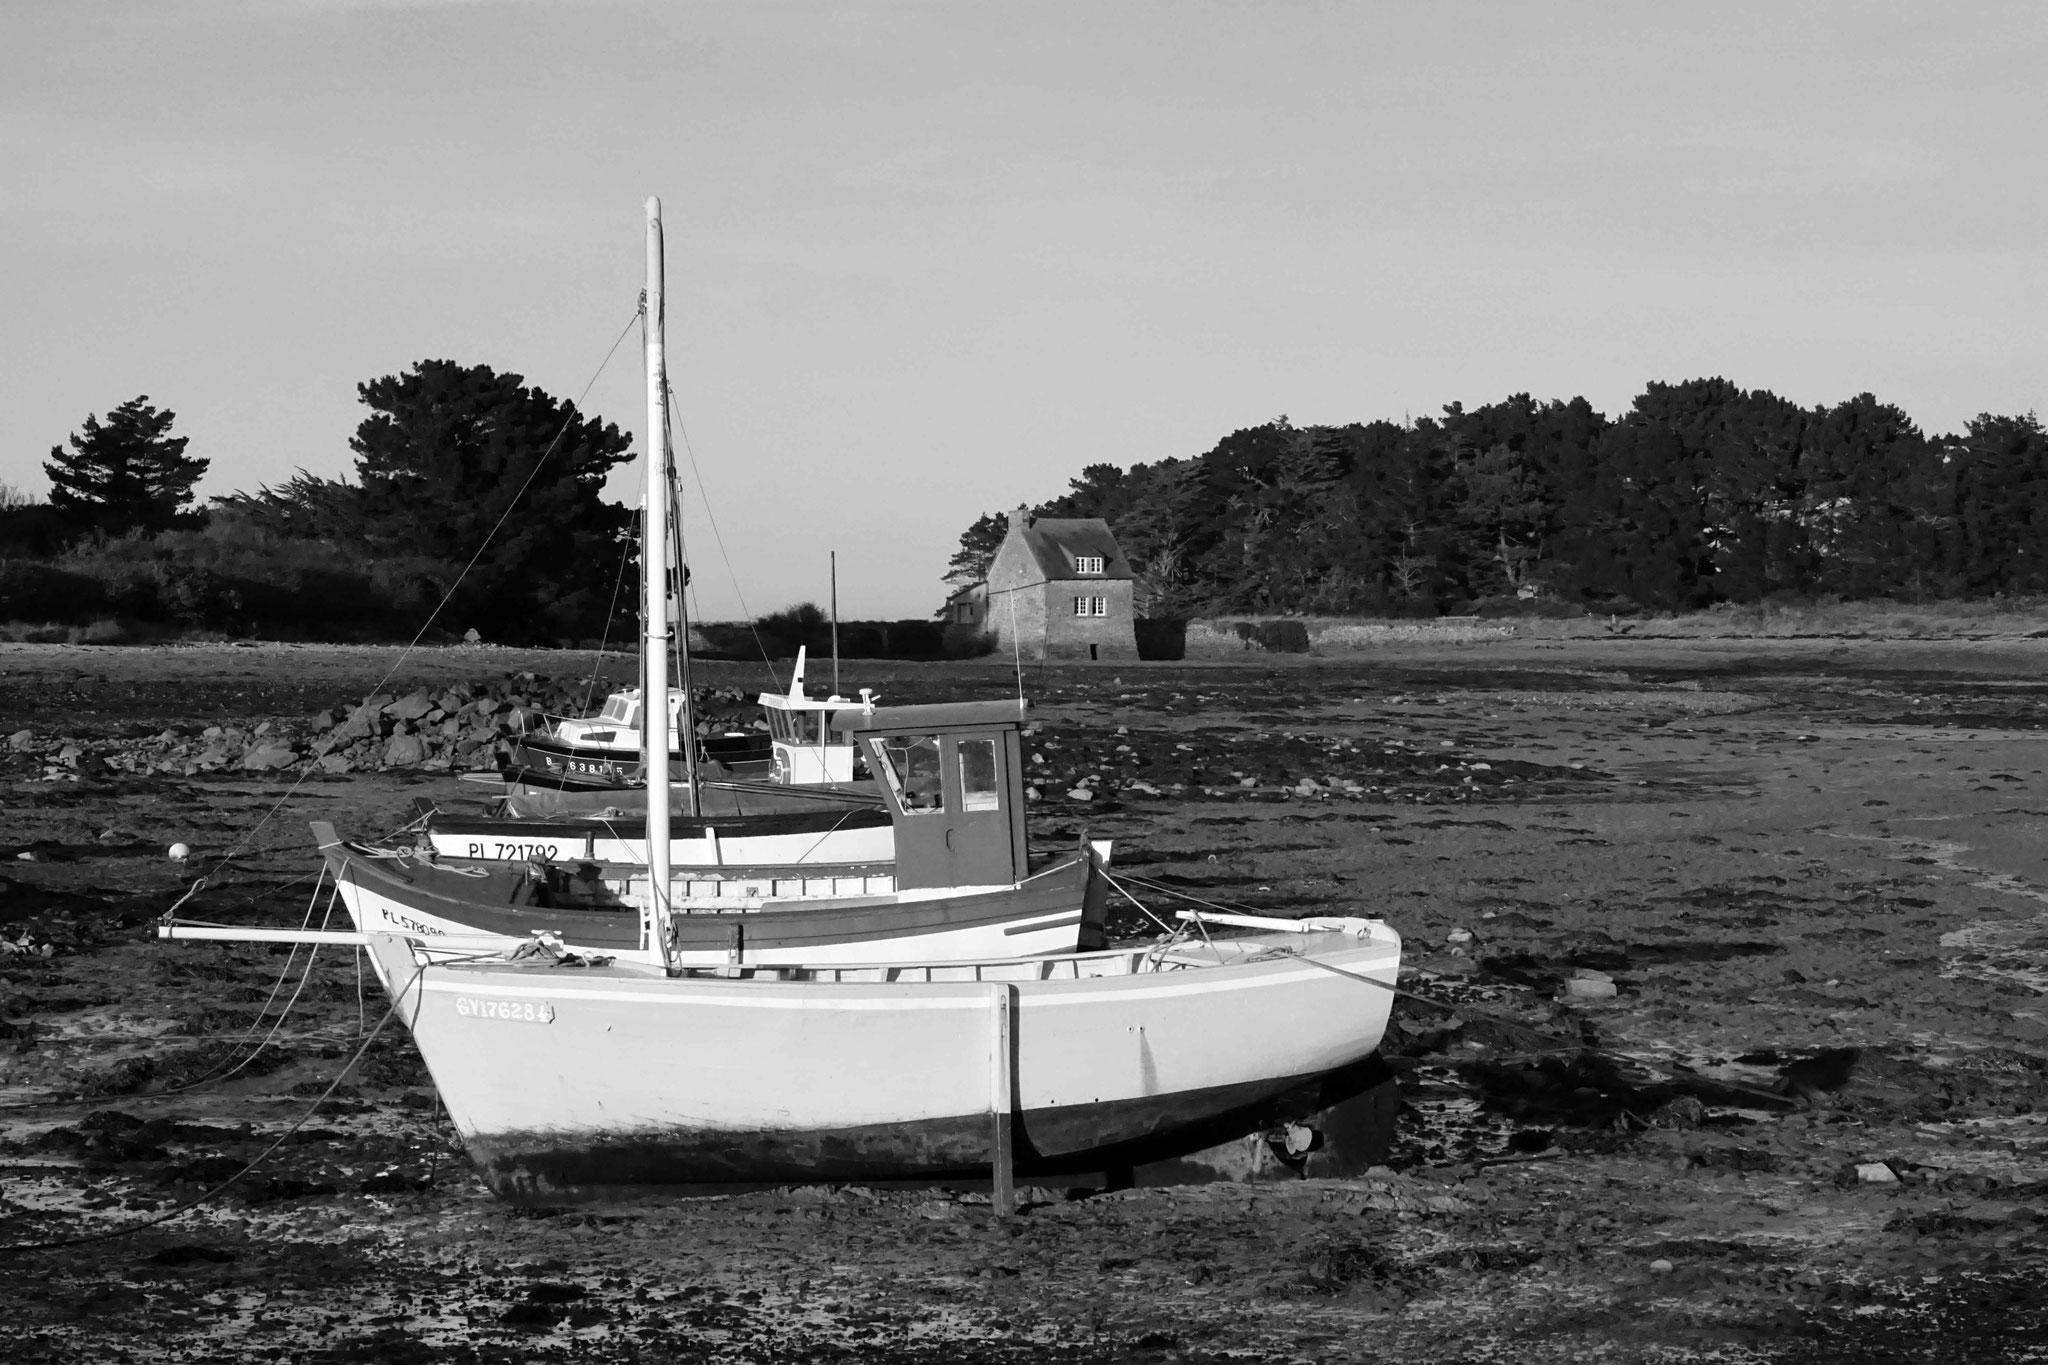 Moulin à marée de Bugueles, DSC02299